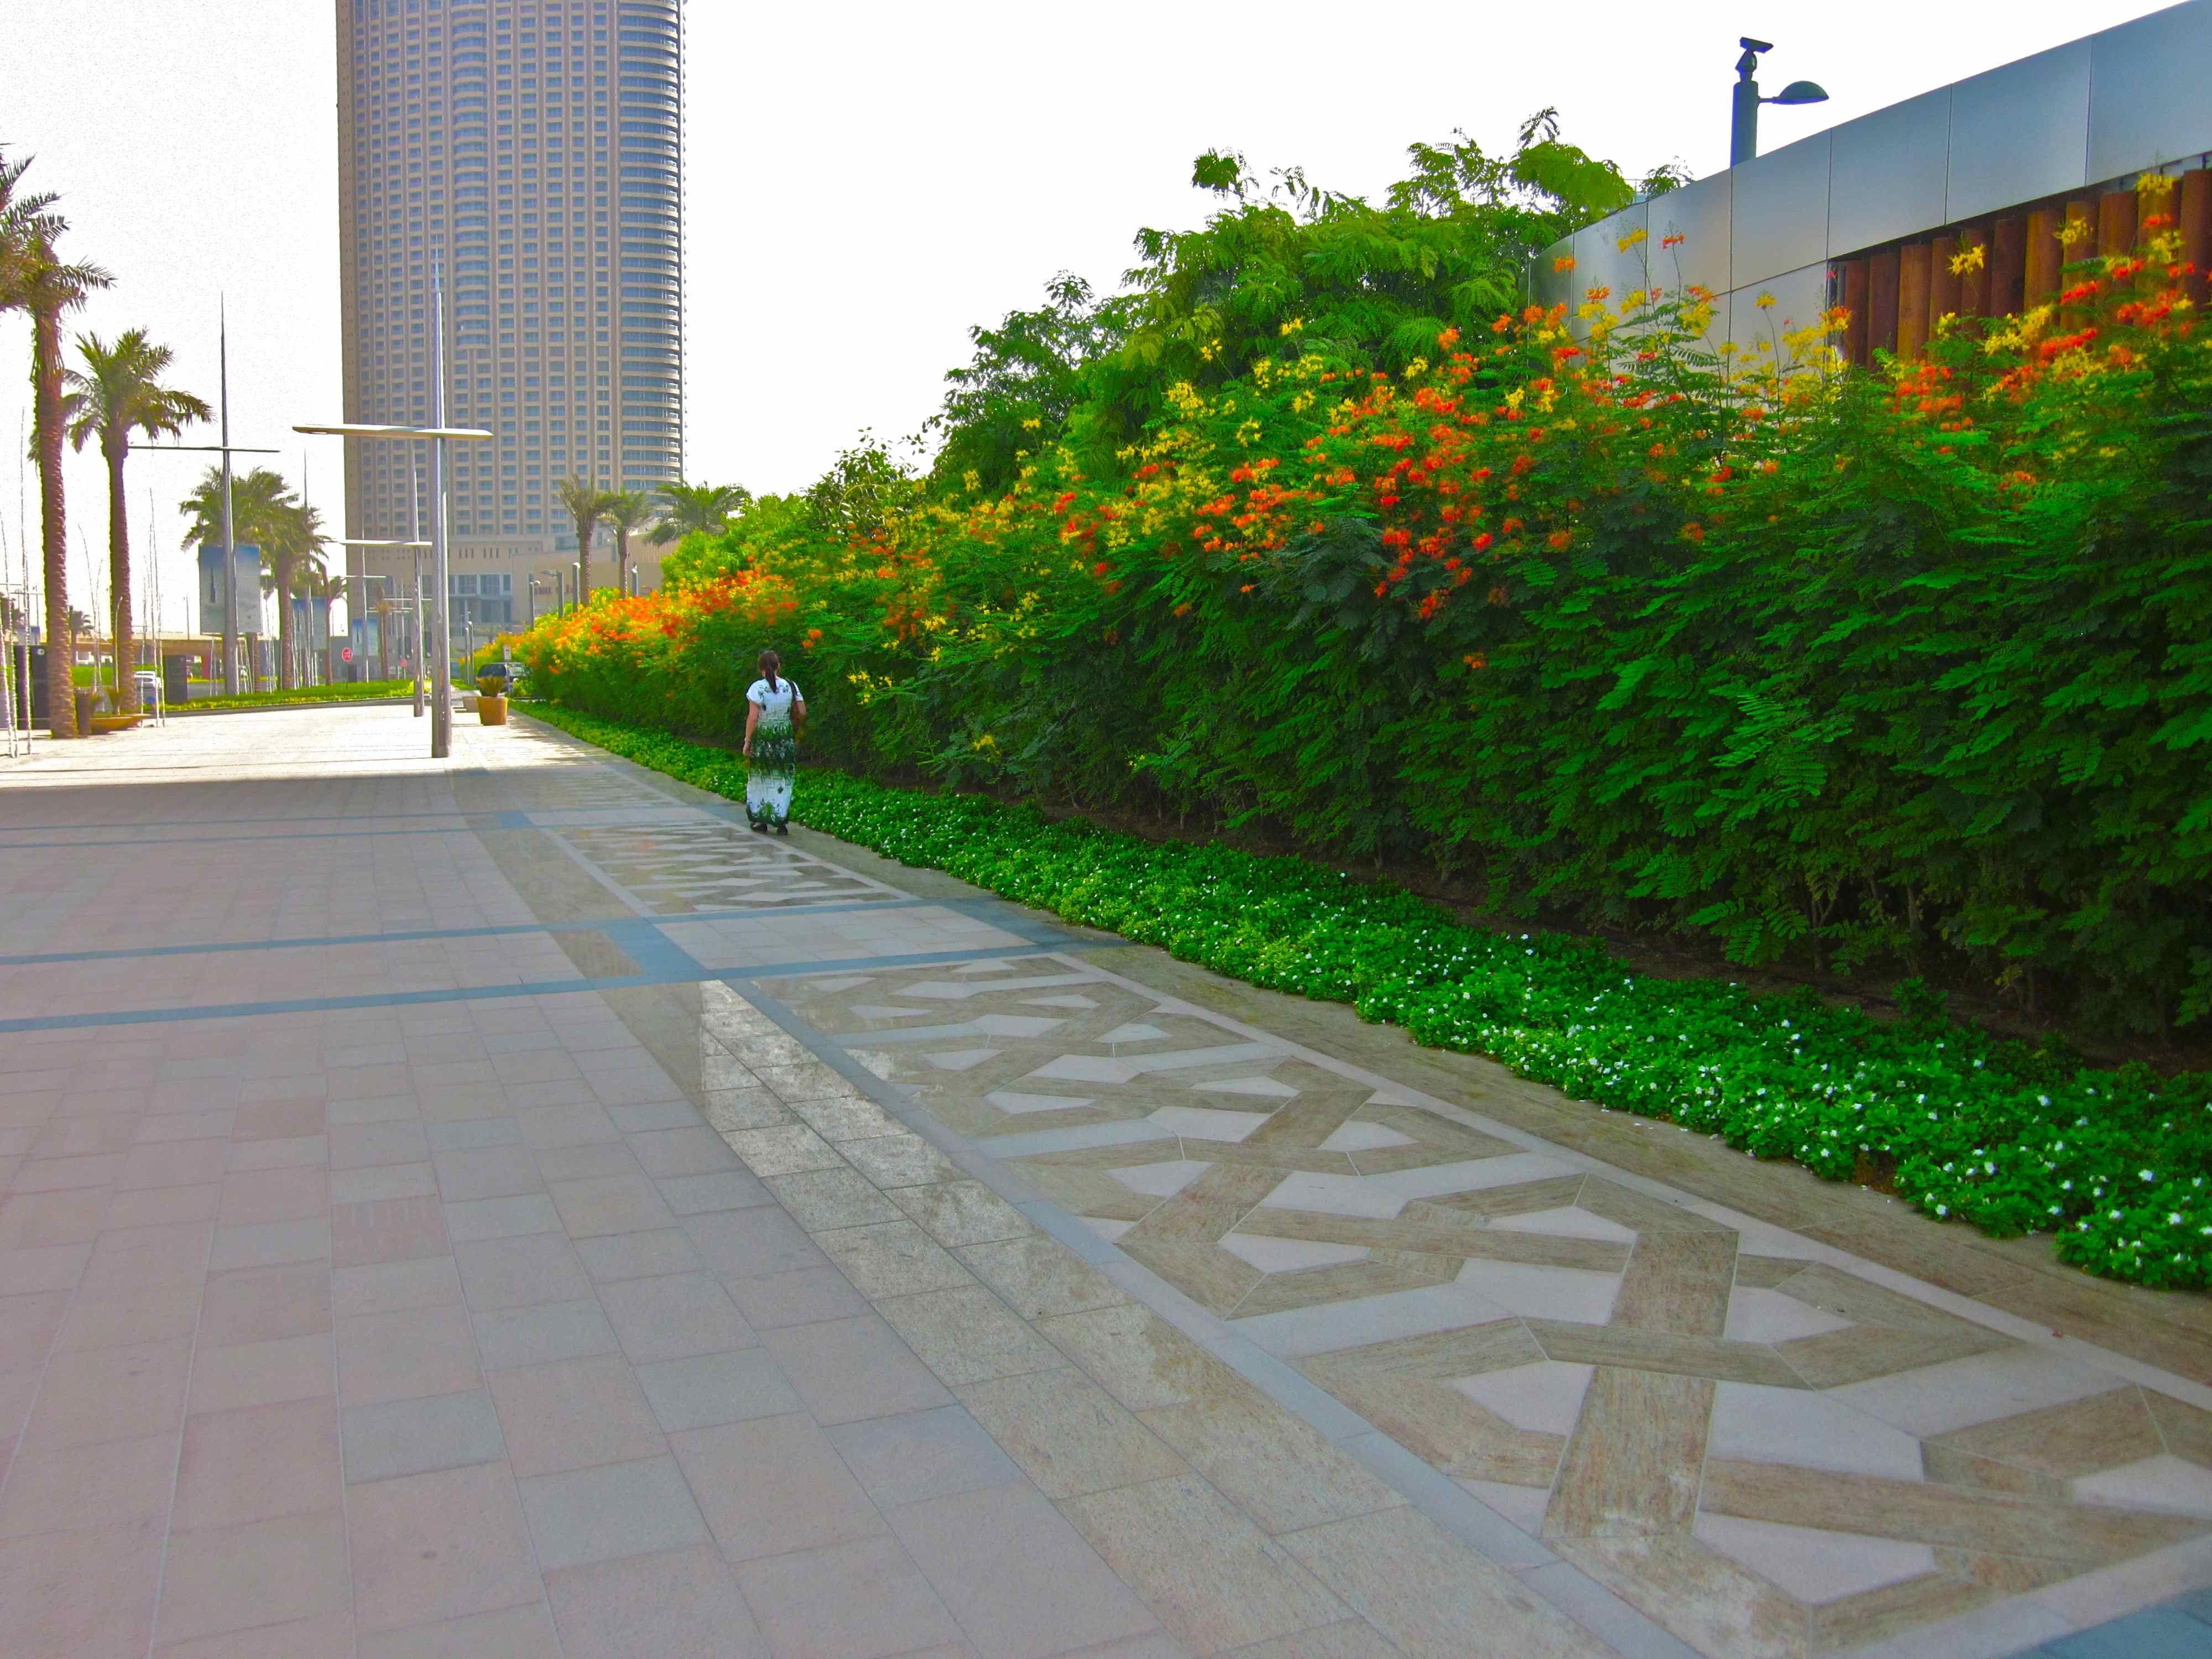 plants of kuwait - Google Search | Plants, Kuwait, Sidewalk